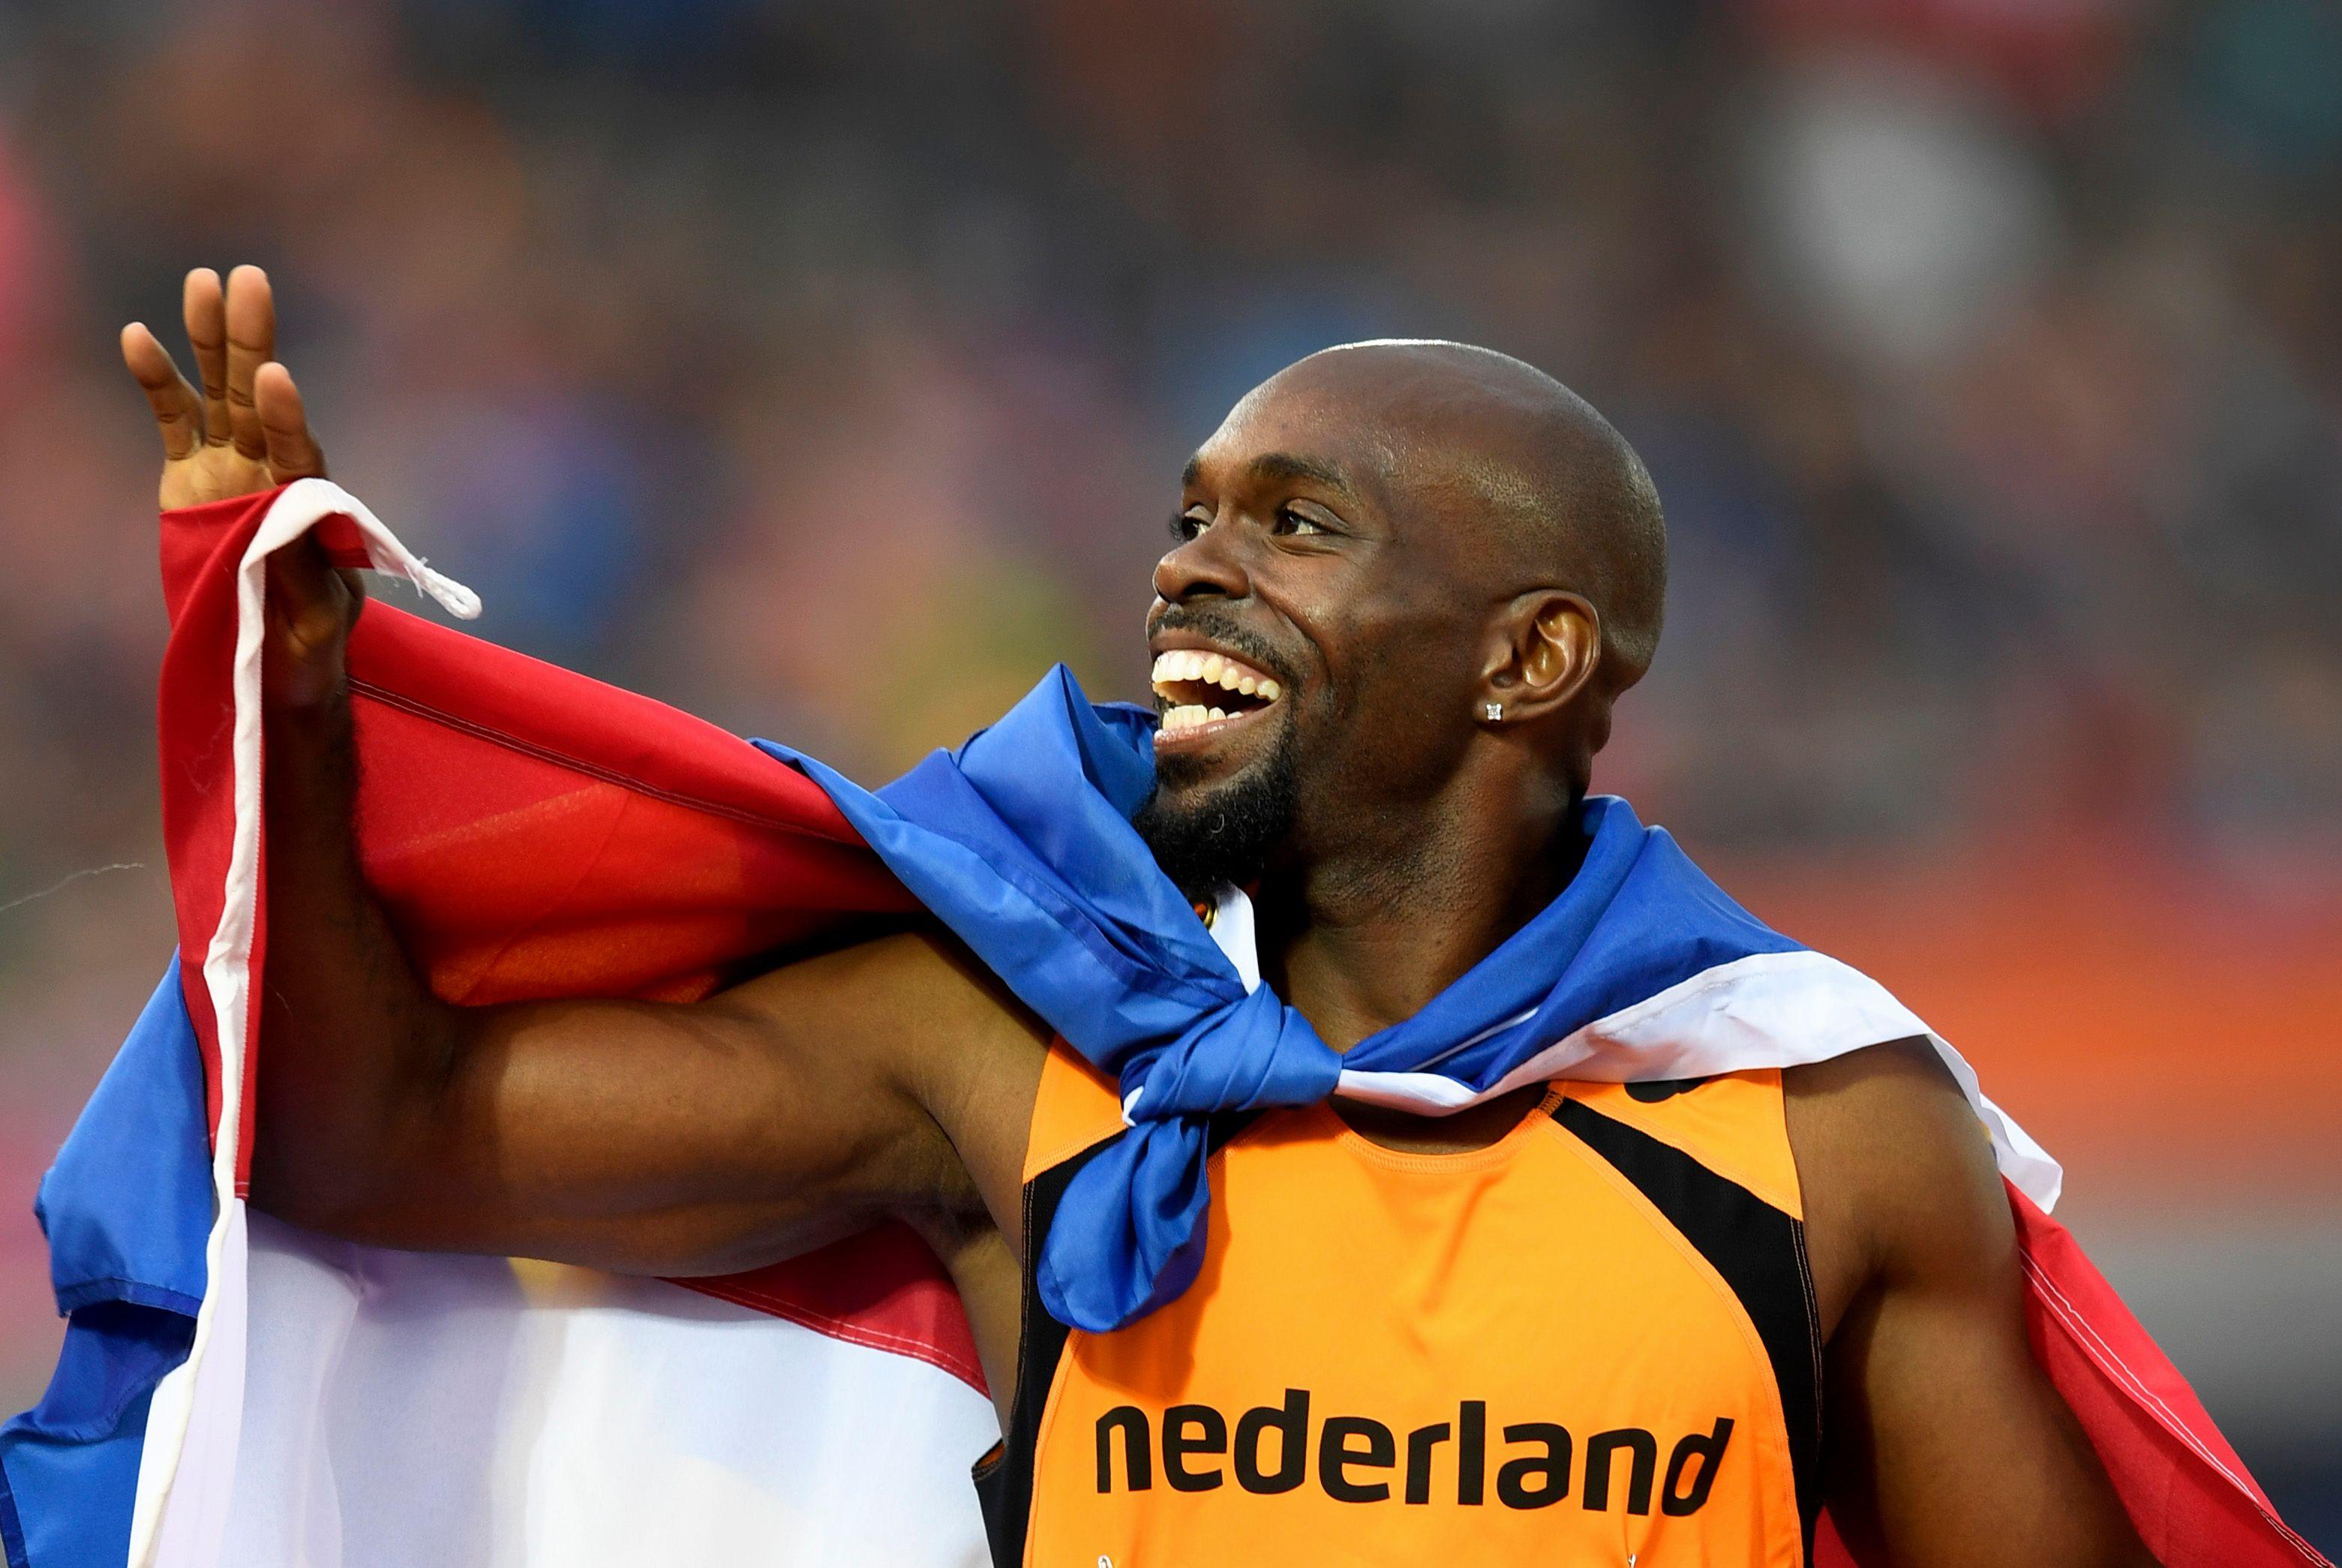 Deze gelderse atletiek kanjers gaan naar de olympische spelen ...